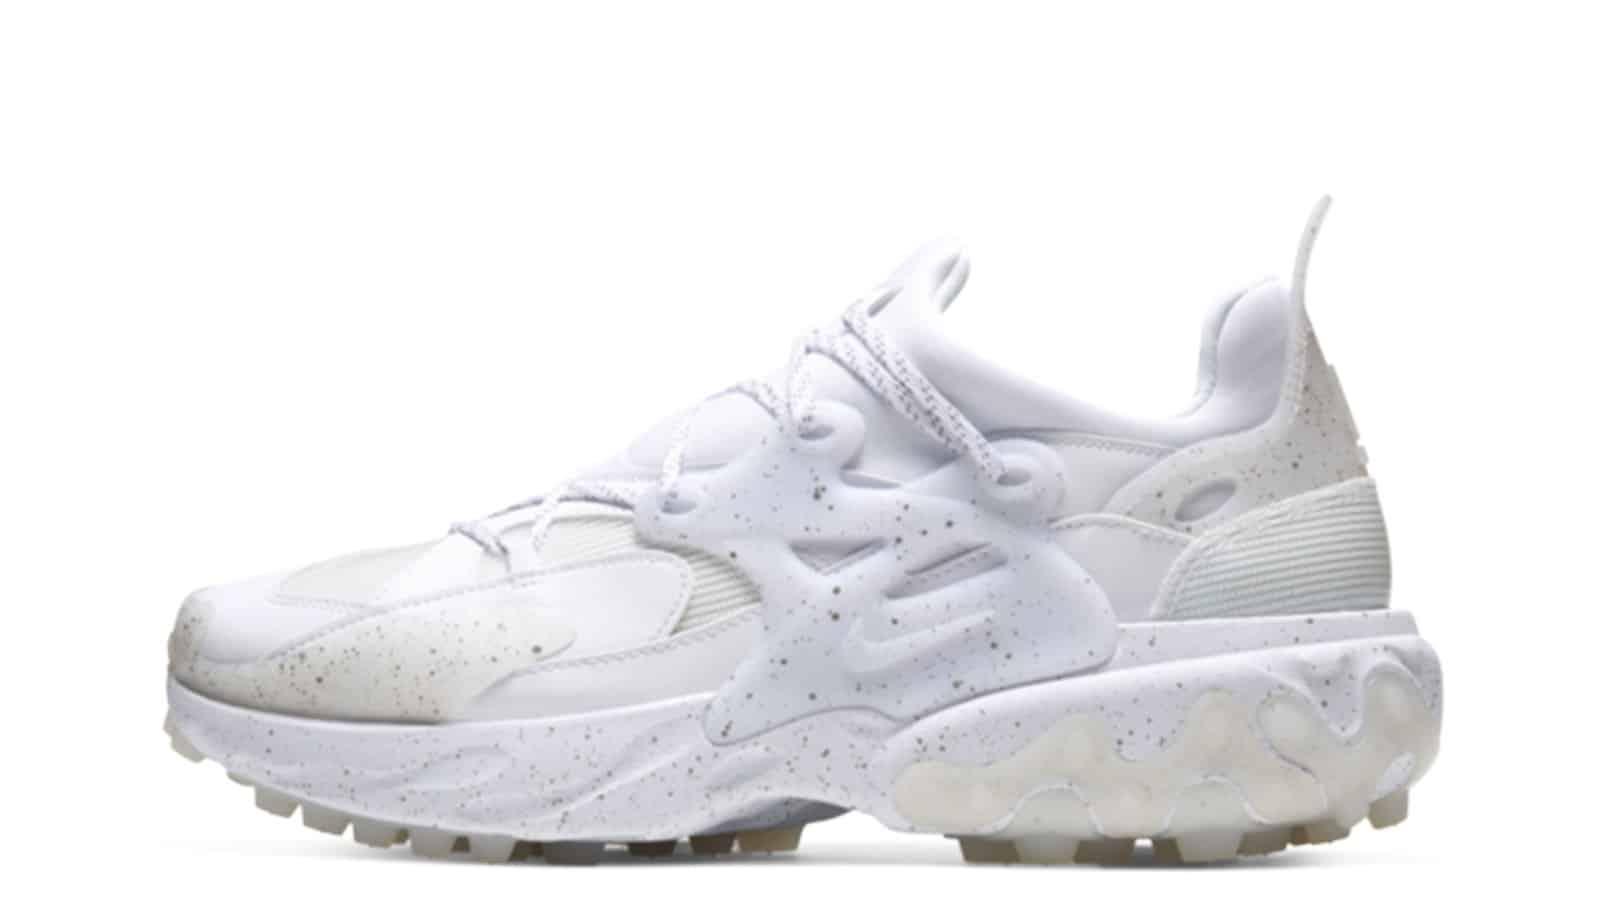 UNDERCOVER x Nike React Presto 'White'